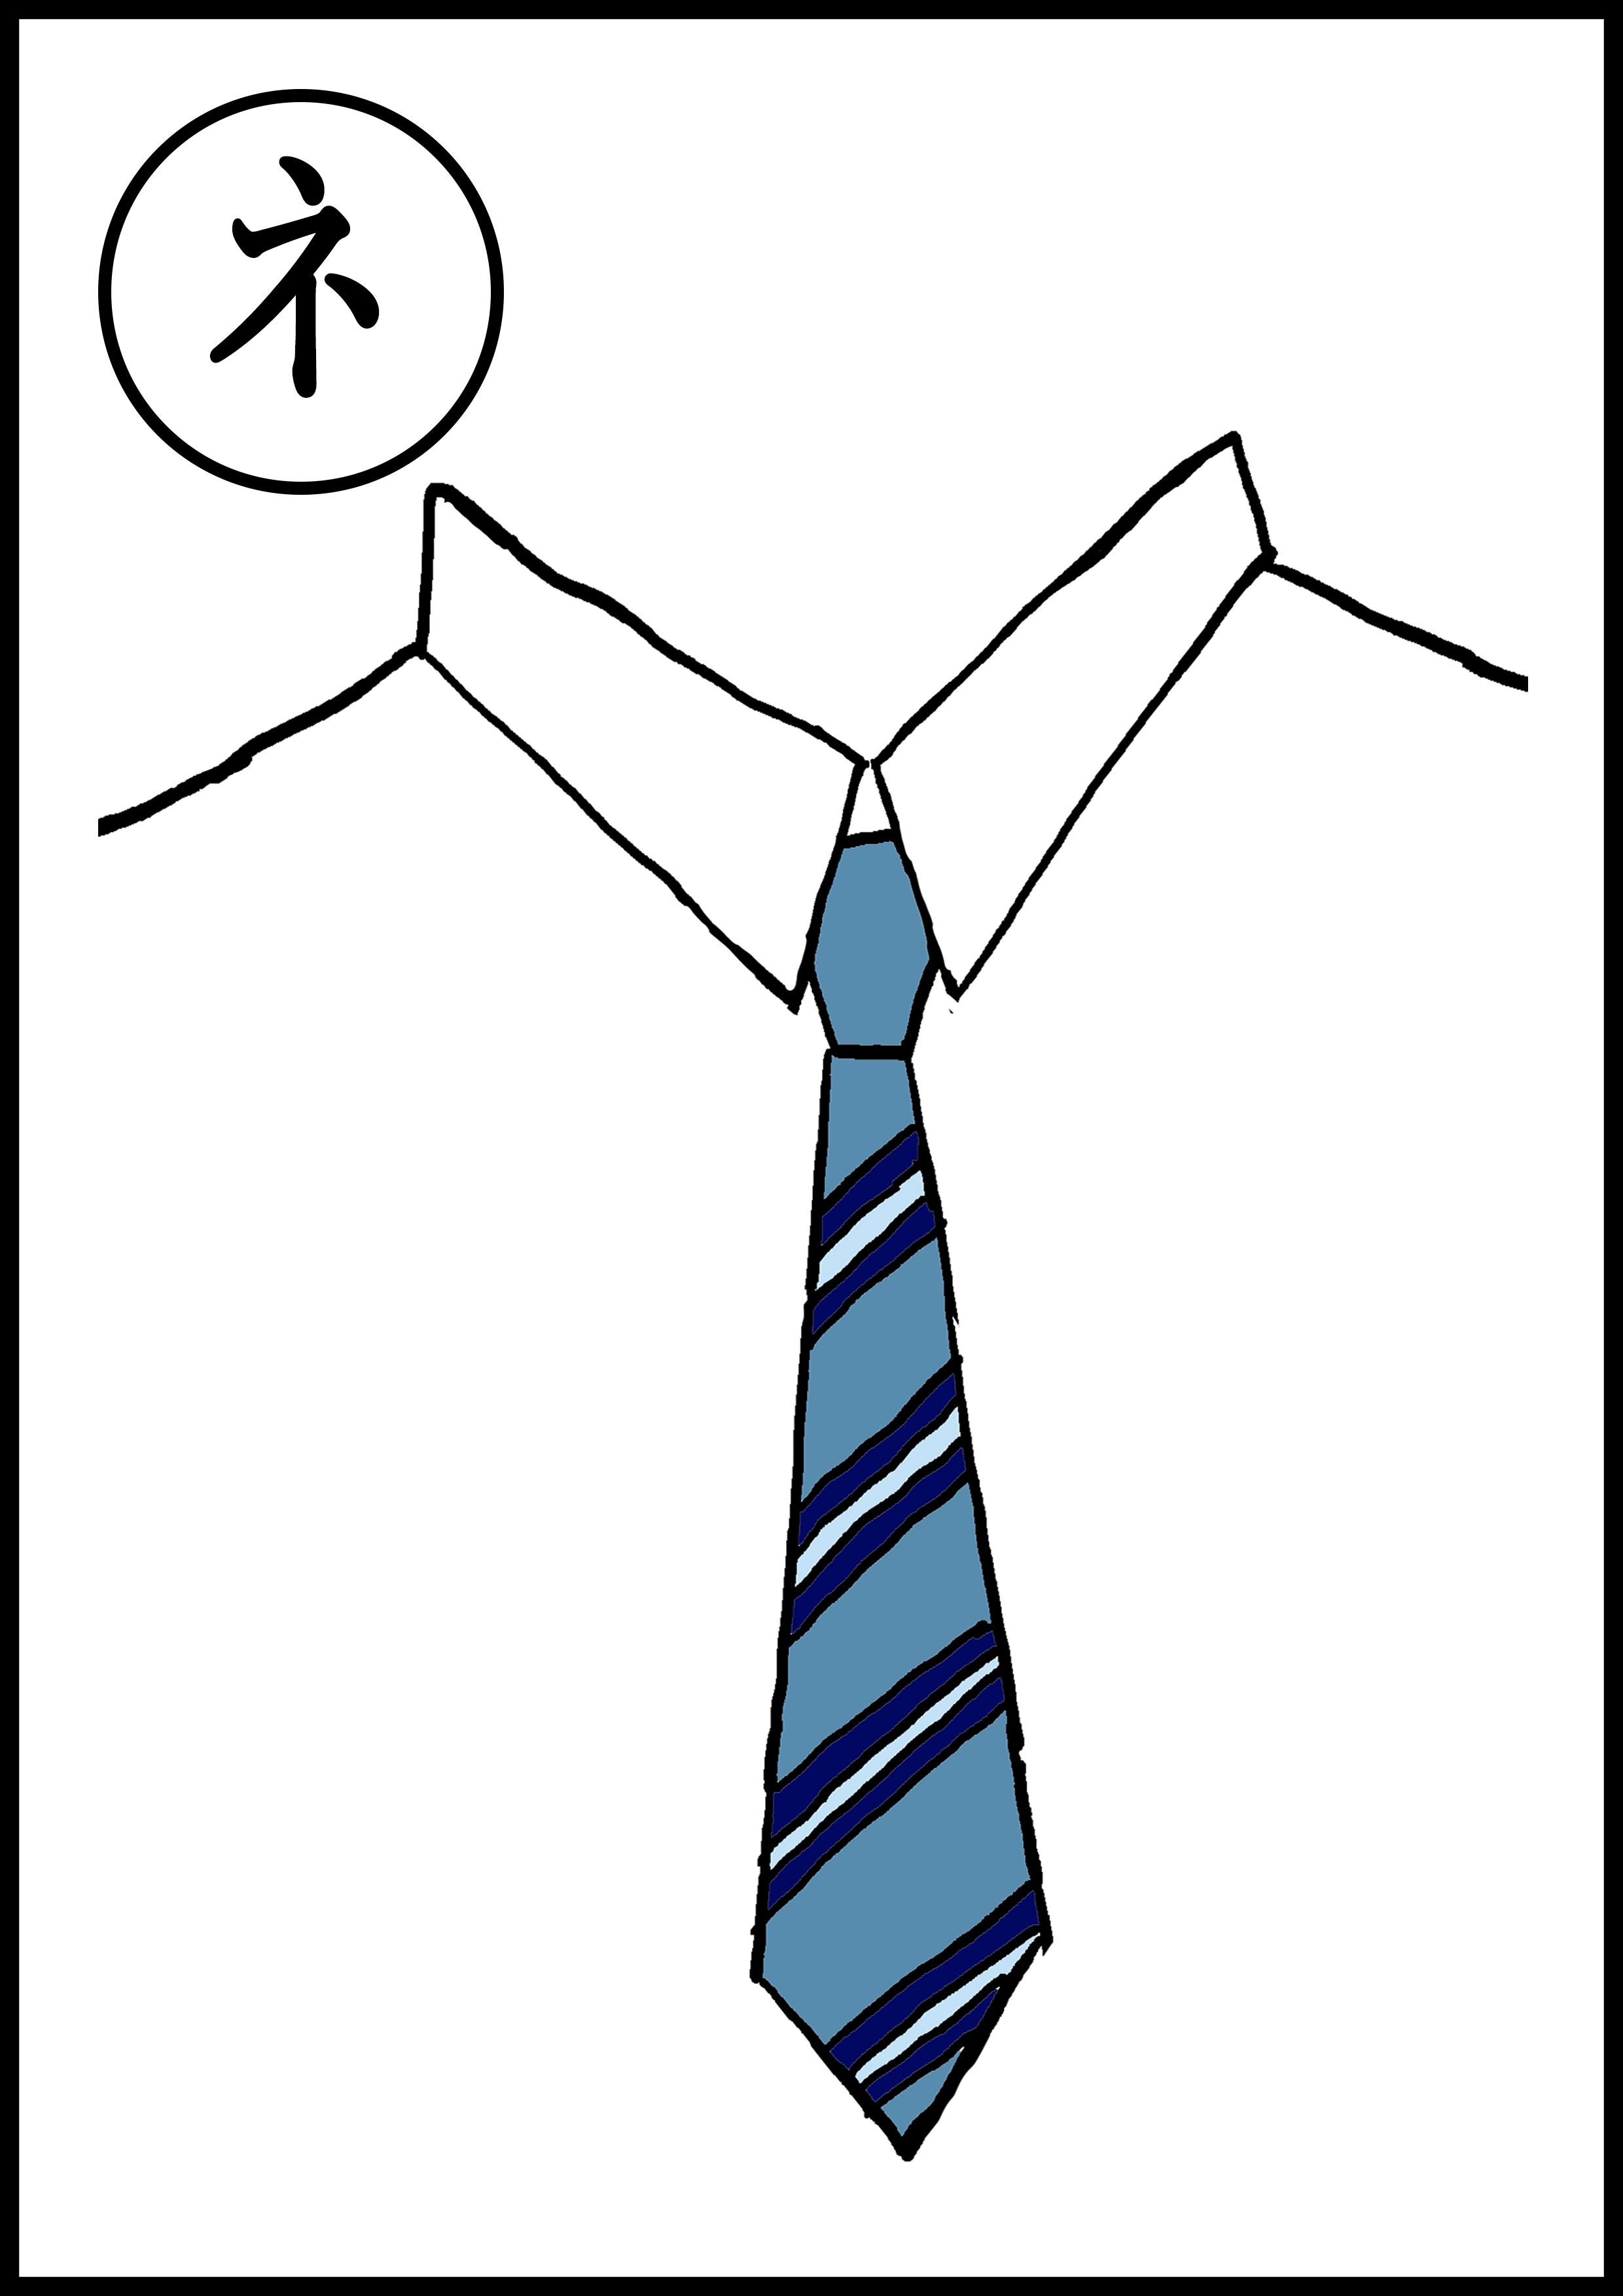 カルタイラスト【カラオケ】